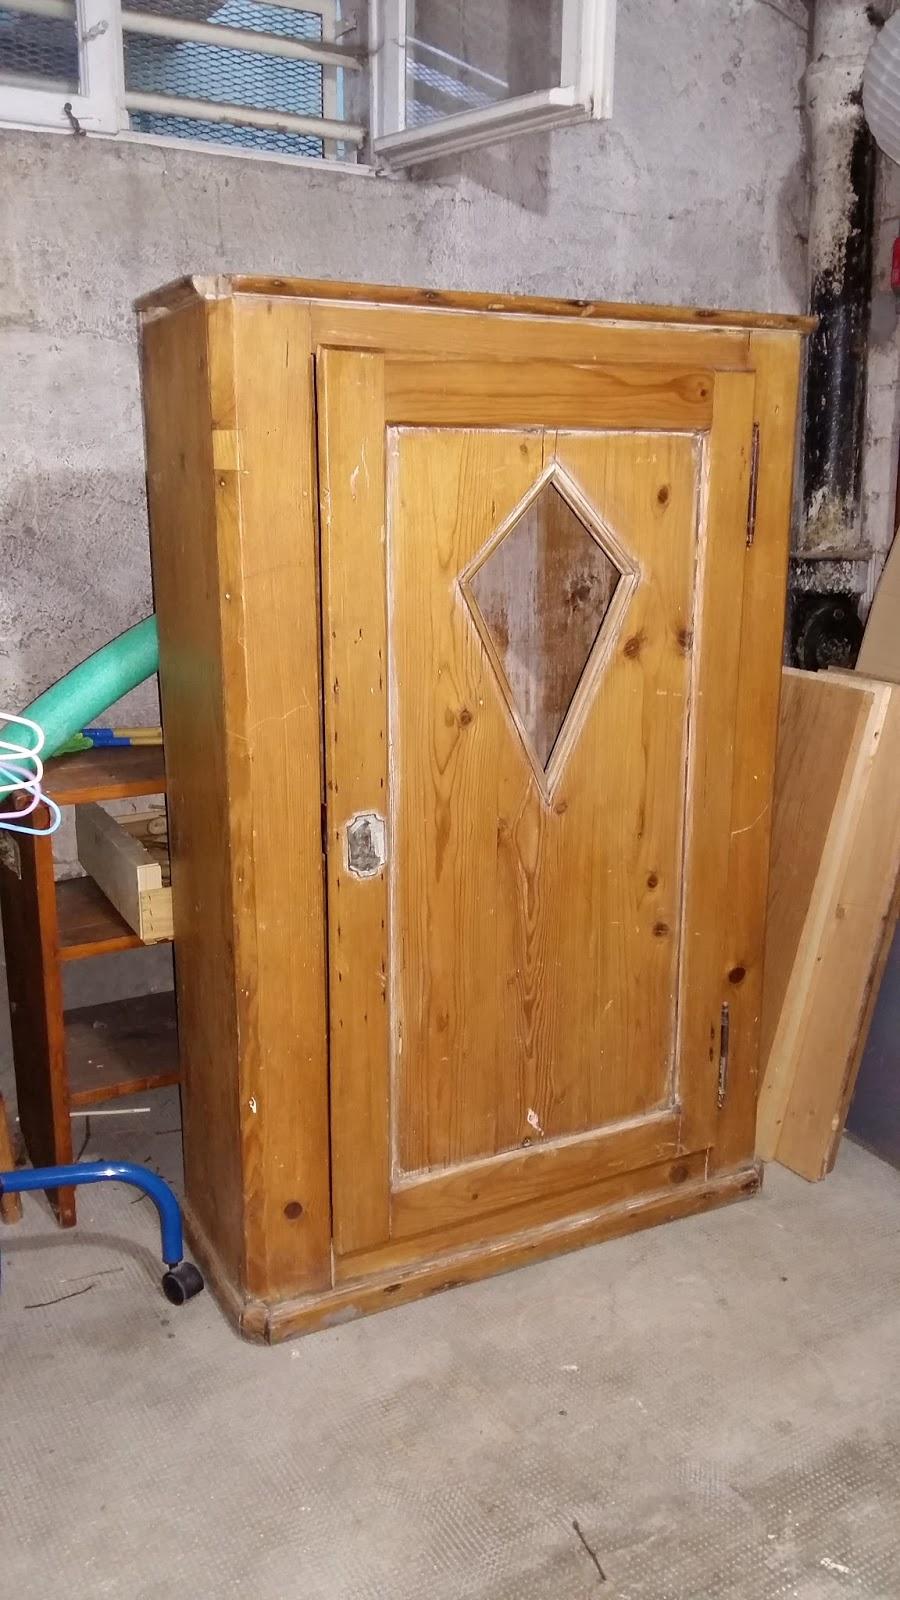 Carton bricolage d coration restauration de meuble - Restauration de meuble ...